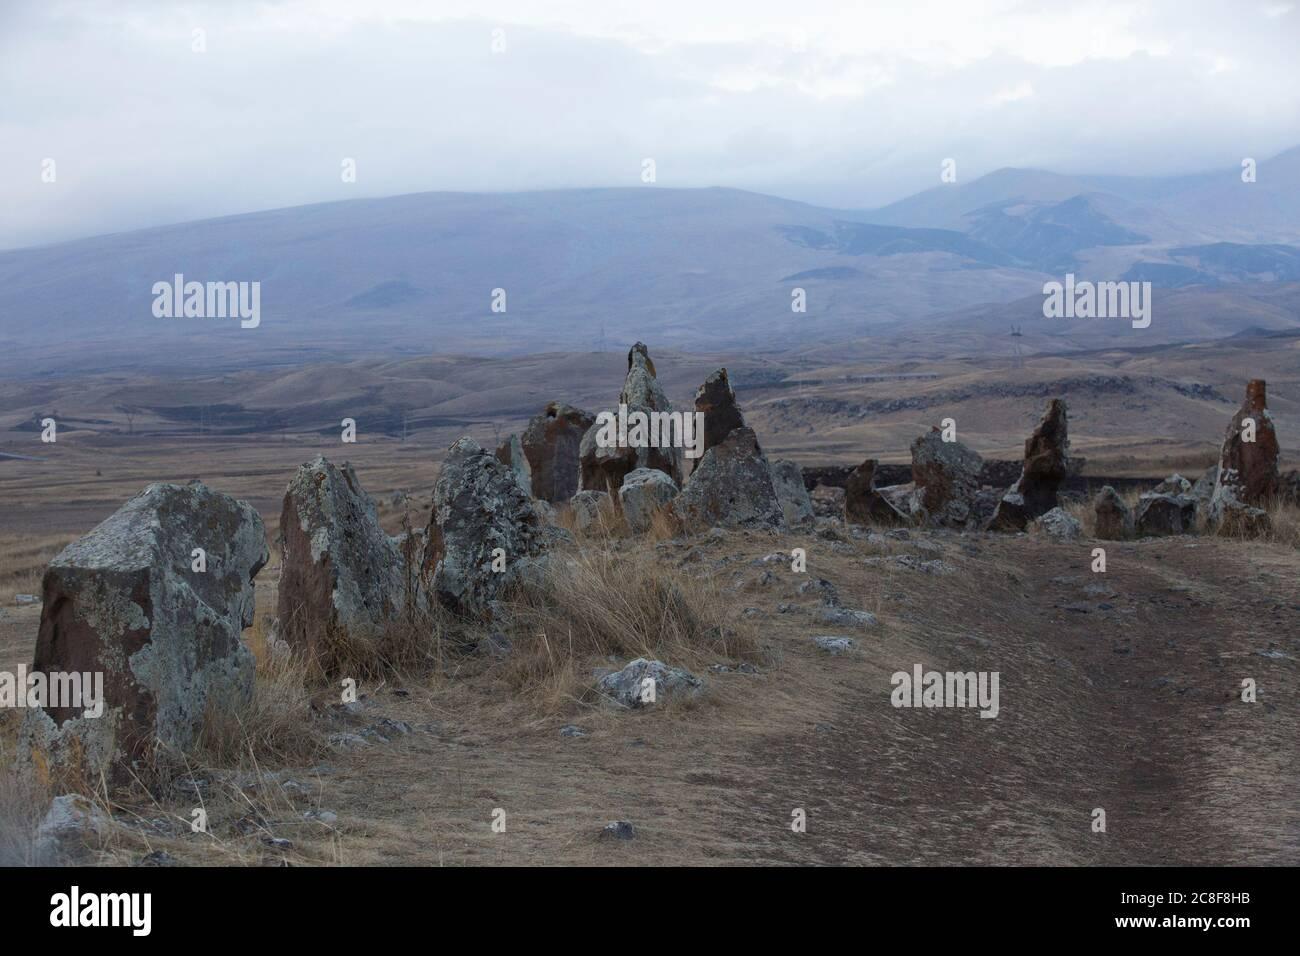 Carahunge, situado en una llanura dramática, es un sitio arqueológico prehistórico cerca de la ciudad de Sisian en la provincia de Syunik de Armenia. Foto de stock